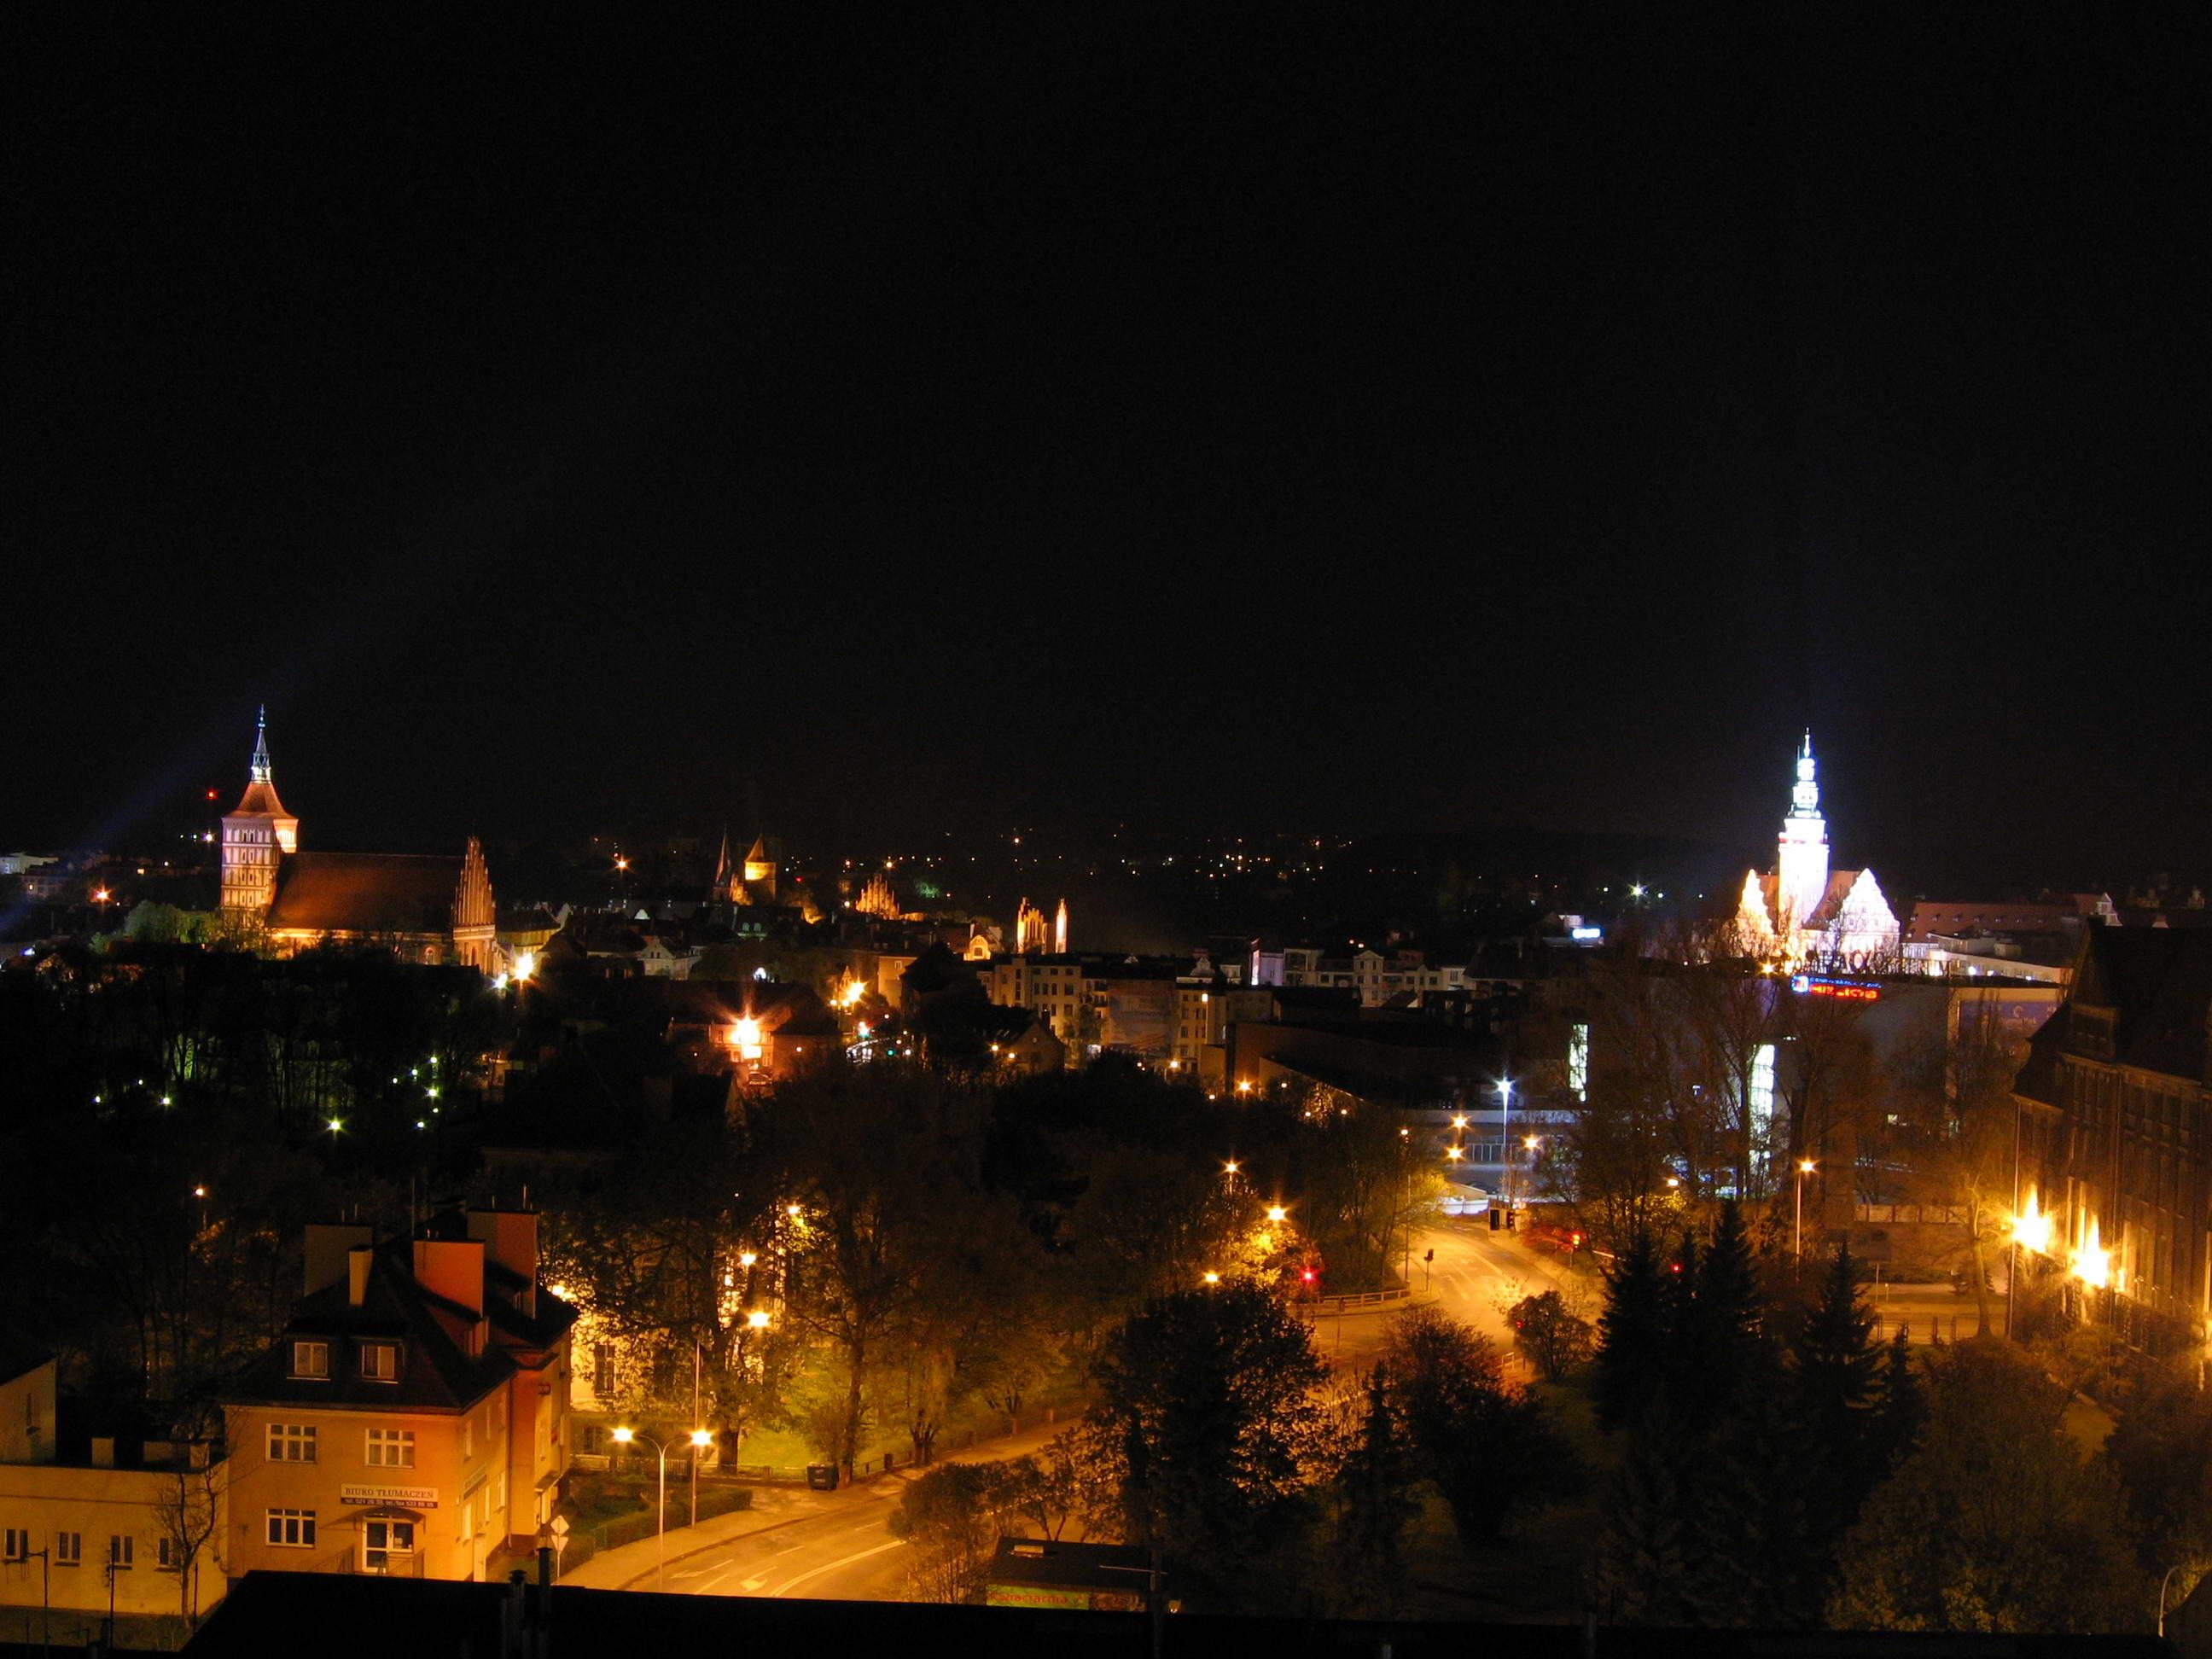 Olsztyn nocą, KOS CC BY 3.0